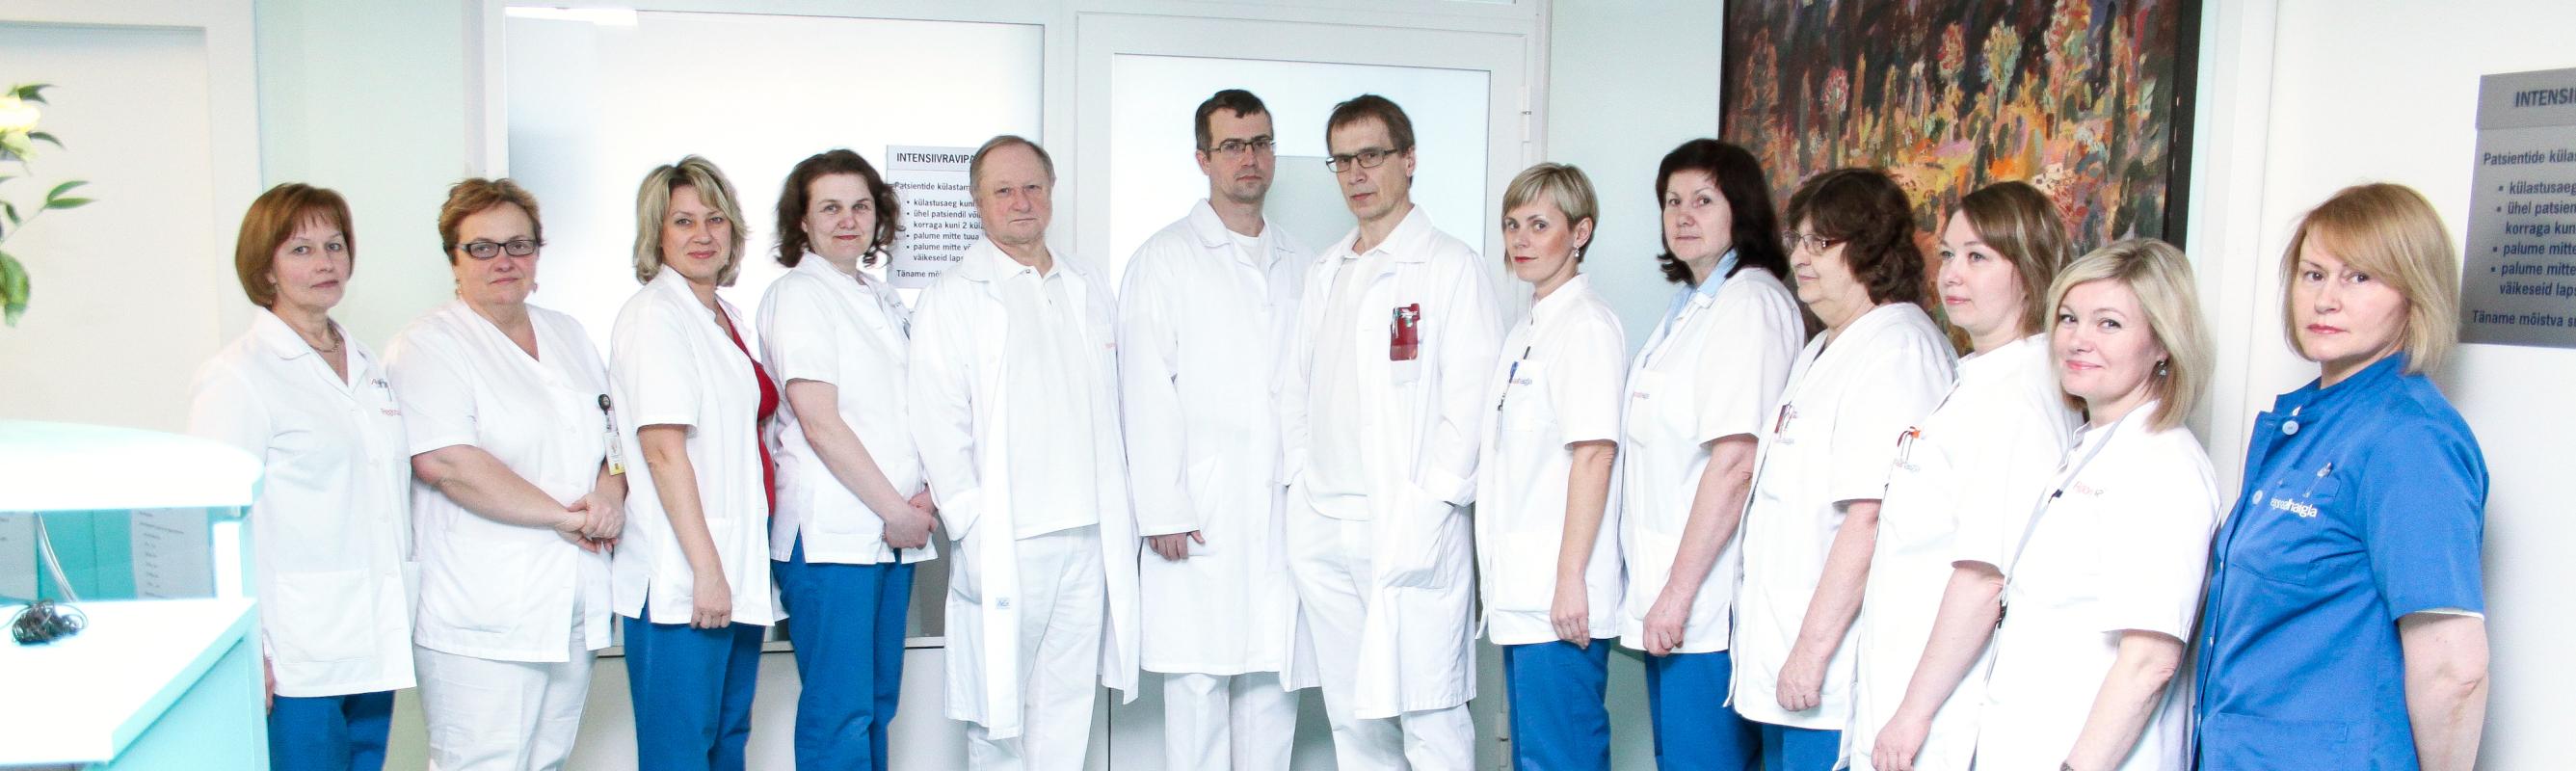 Kardiokirurgia osakonna sõbralik meeskond